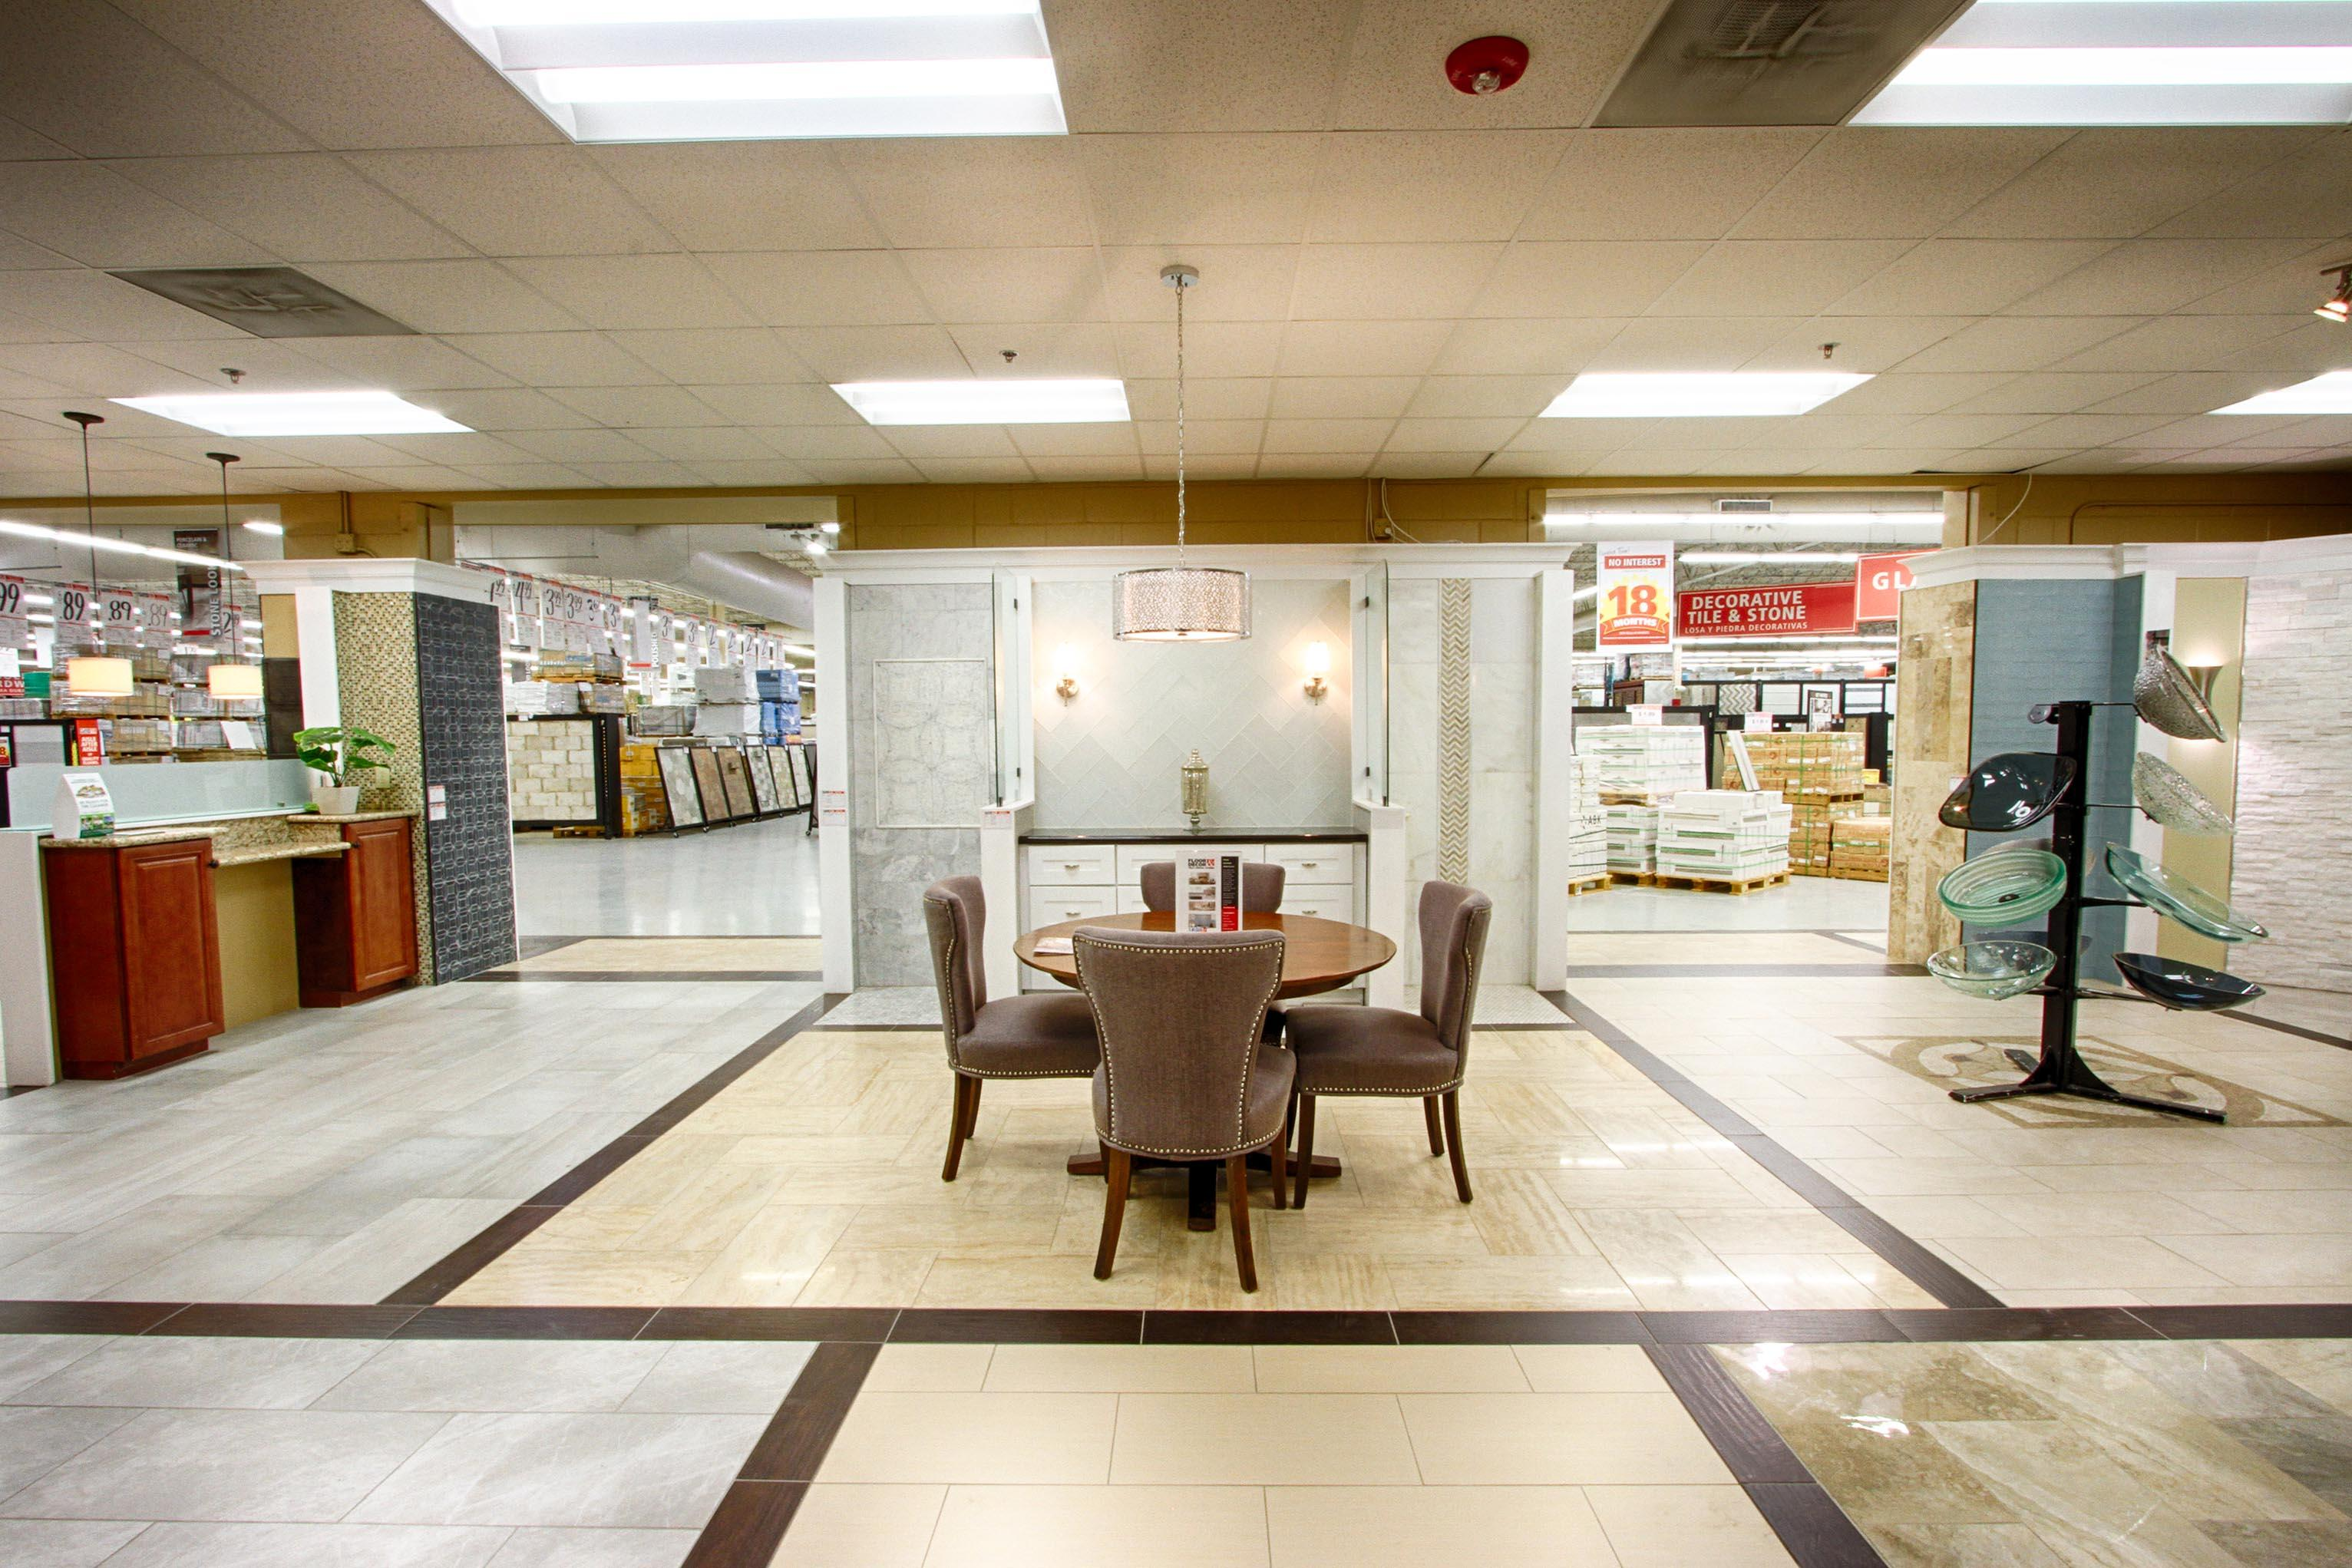 Floor & Decor image 28